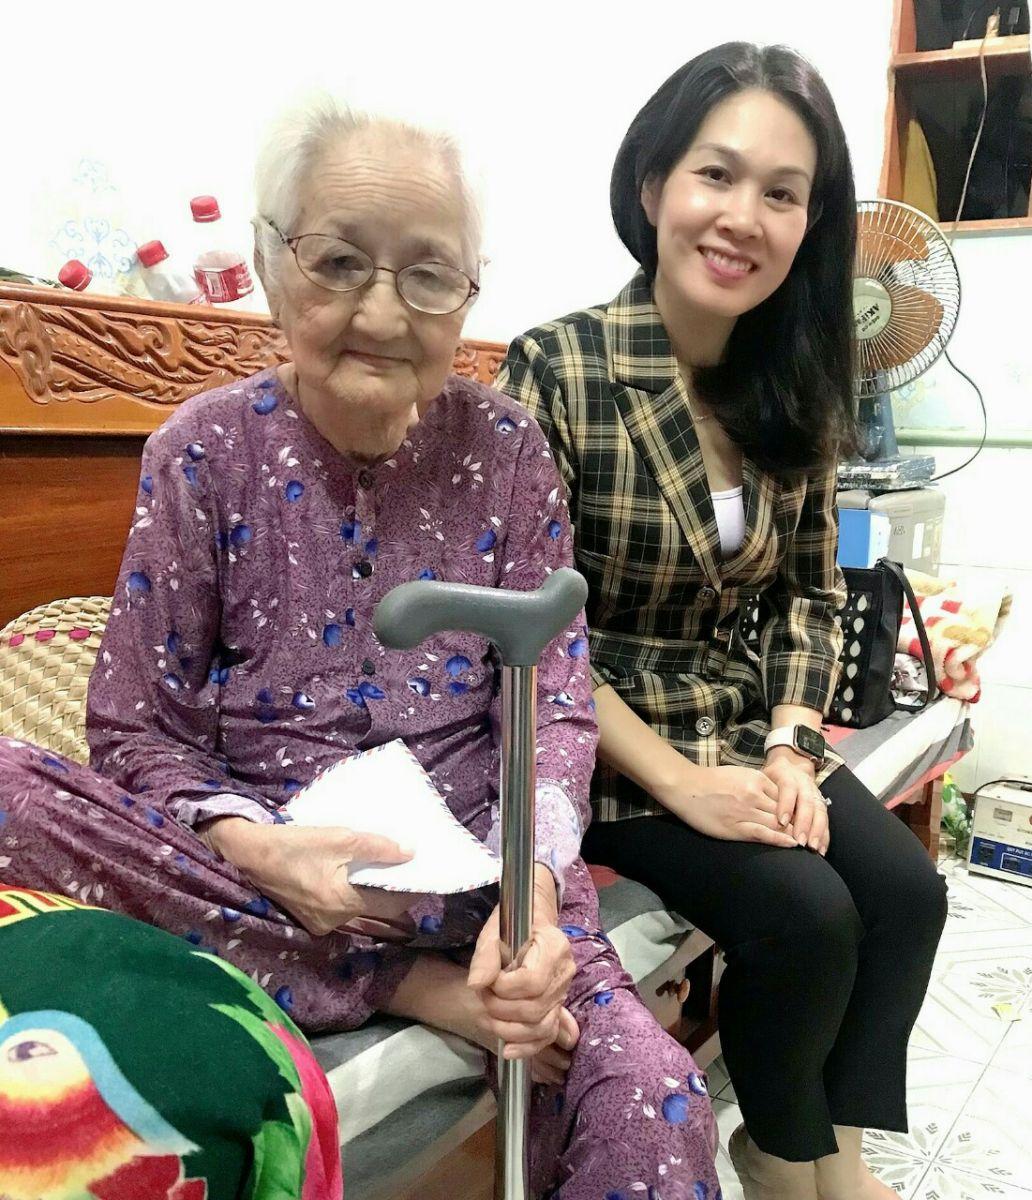 Hình Cơ quan Đảng ủy Khối cơ quan và doanh nghiệp tỉnh thăm Mẹ Liệt sỹ nhân ngày thành lập Quân đội nhân dân Việt Nam